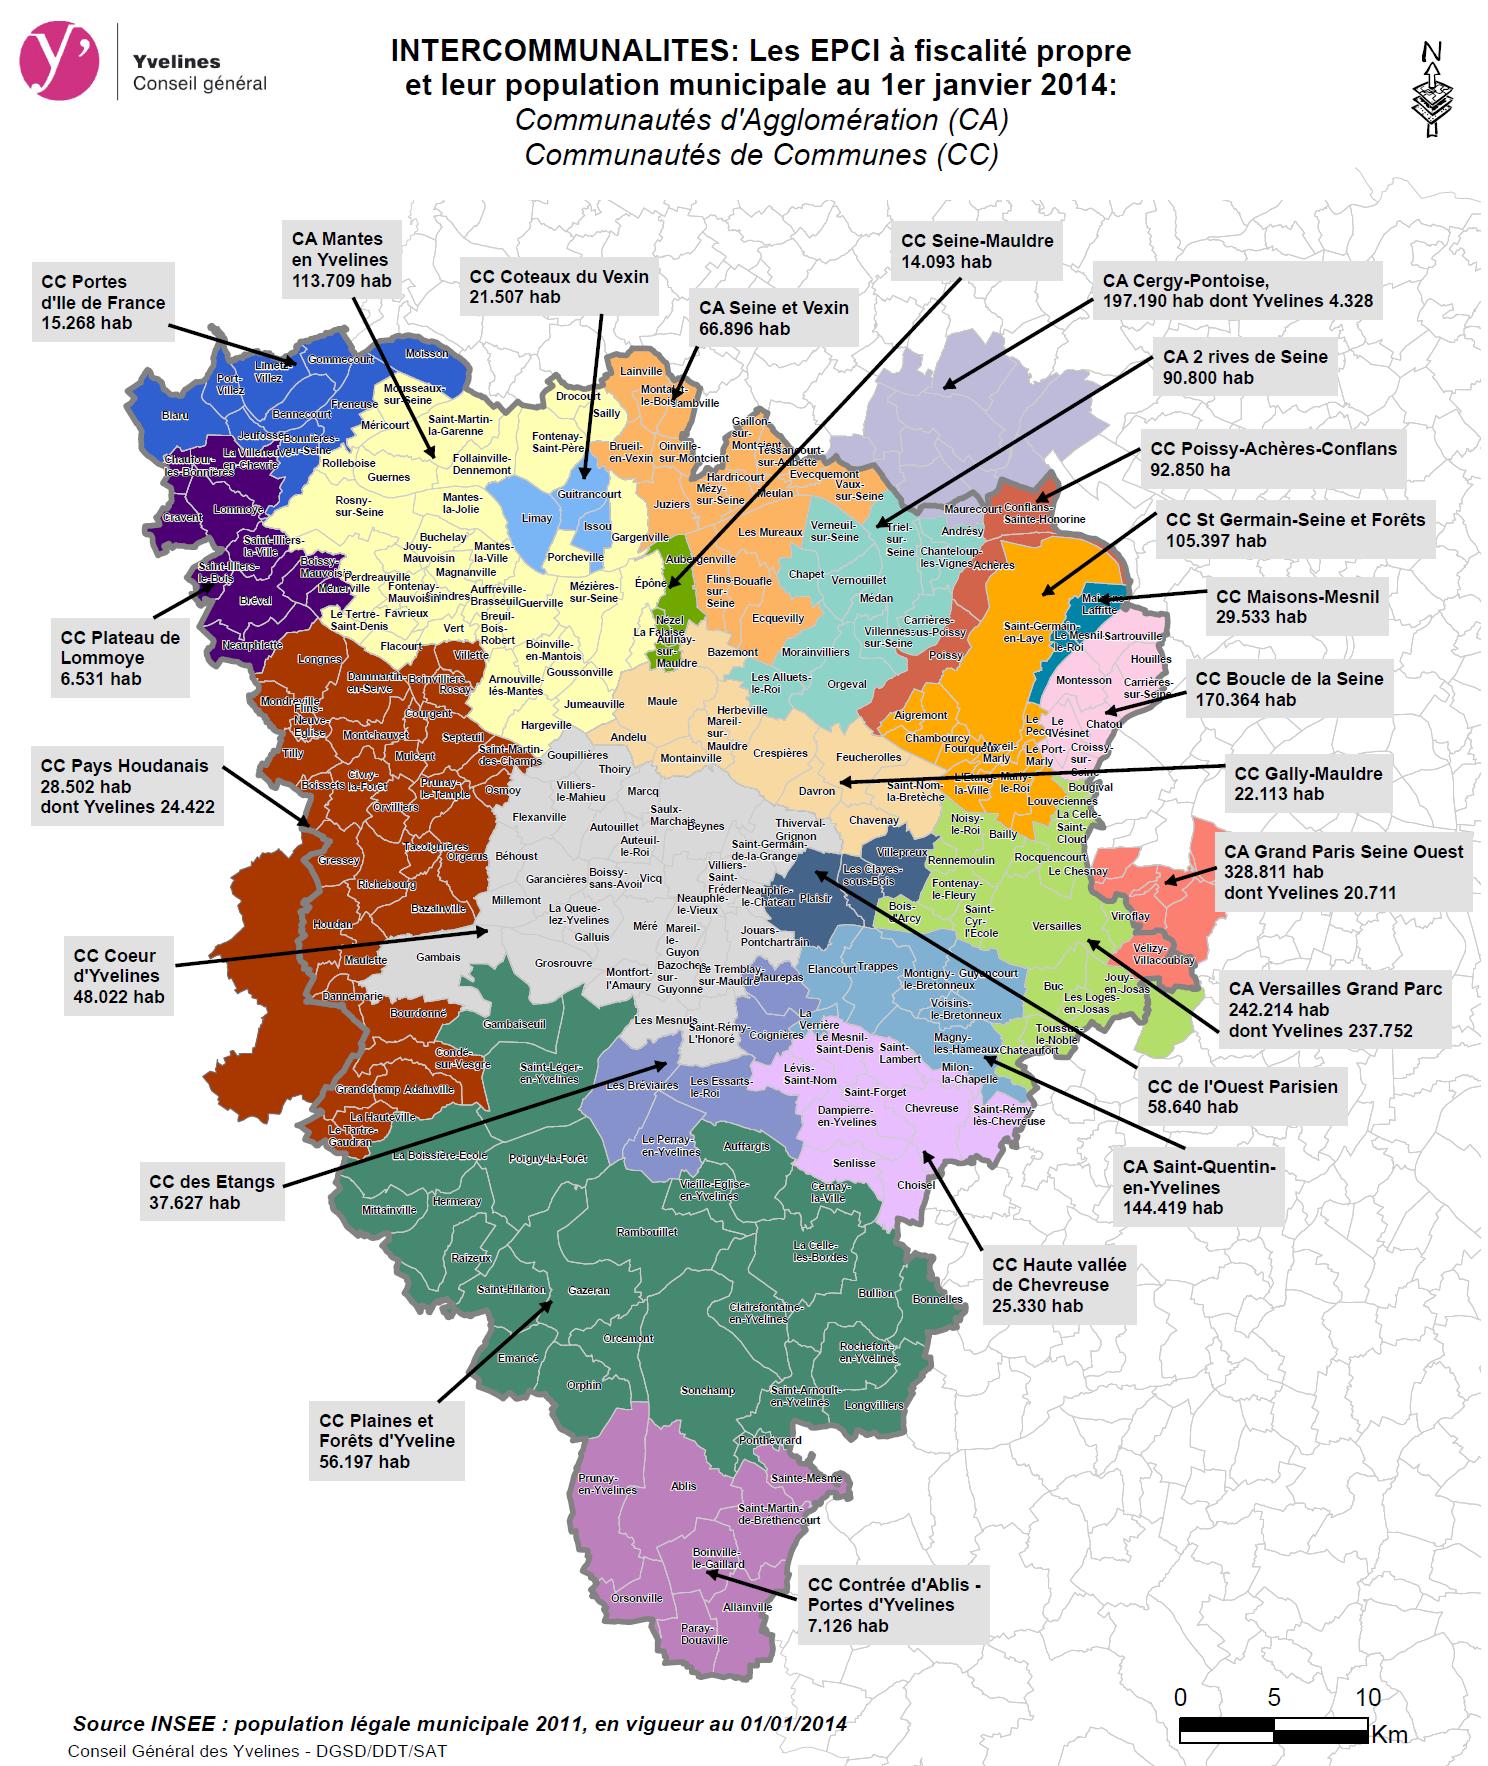 La nouvelle carte des intercommunalit s yvelines infos for Que visiter dans les yvelines